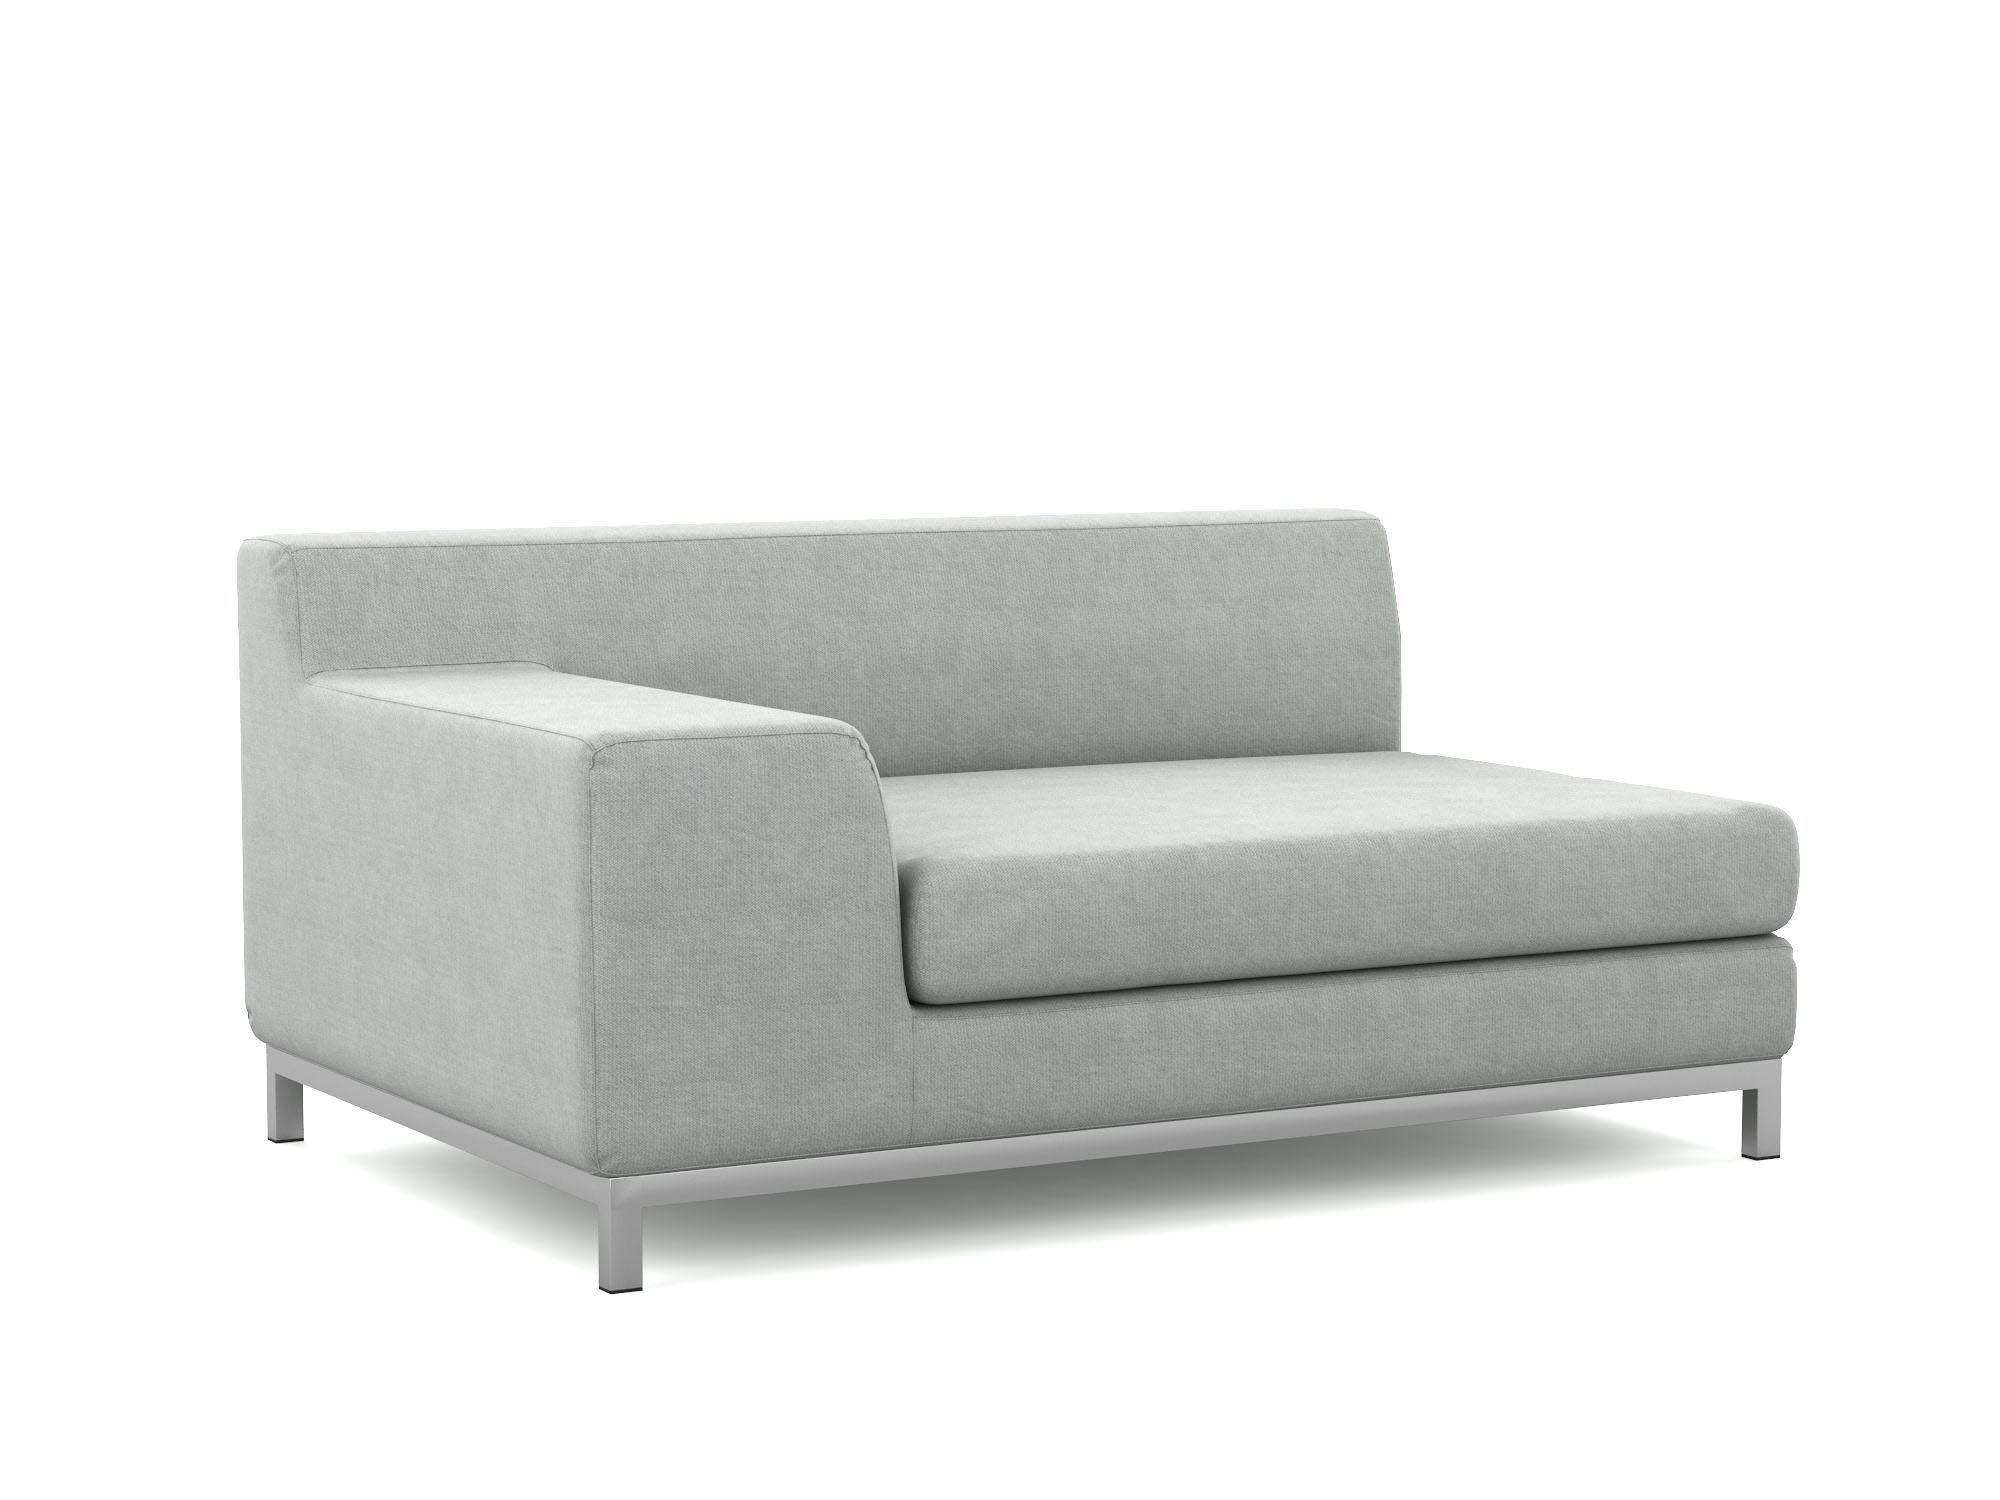 Malerisch 2 Sitzer Sofa Mit Recamiere Foto Von Kramfors 2-sitzer (1 Armlehne) Bezug